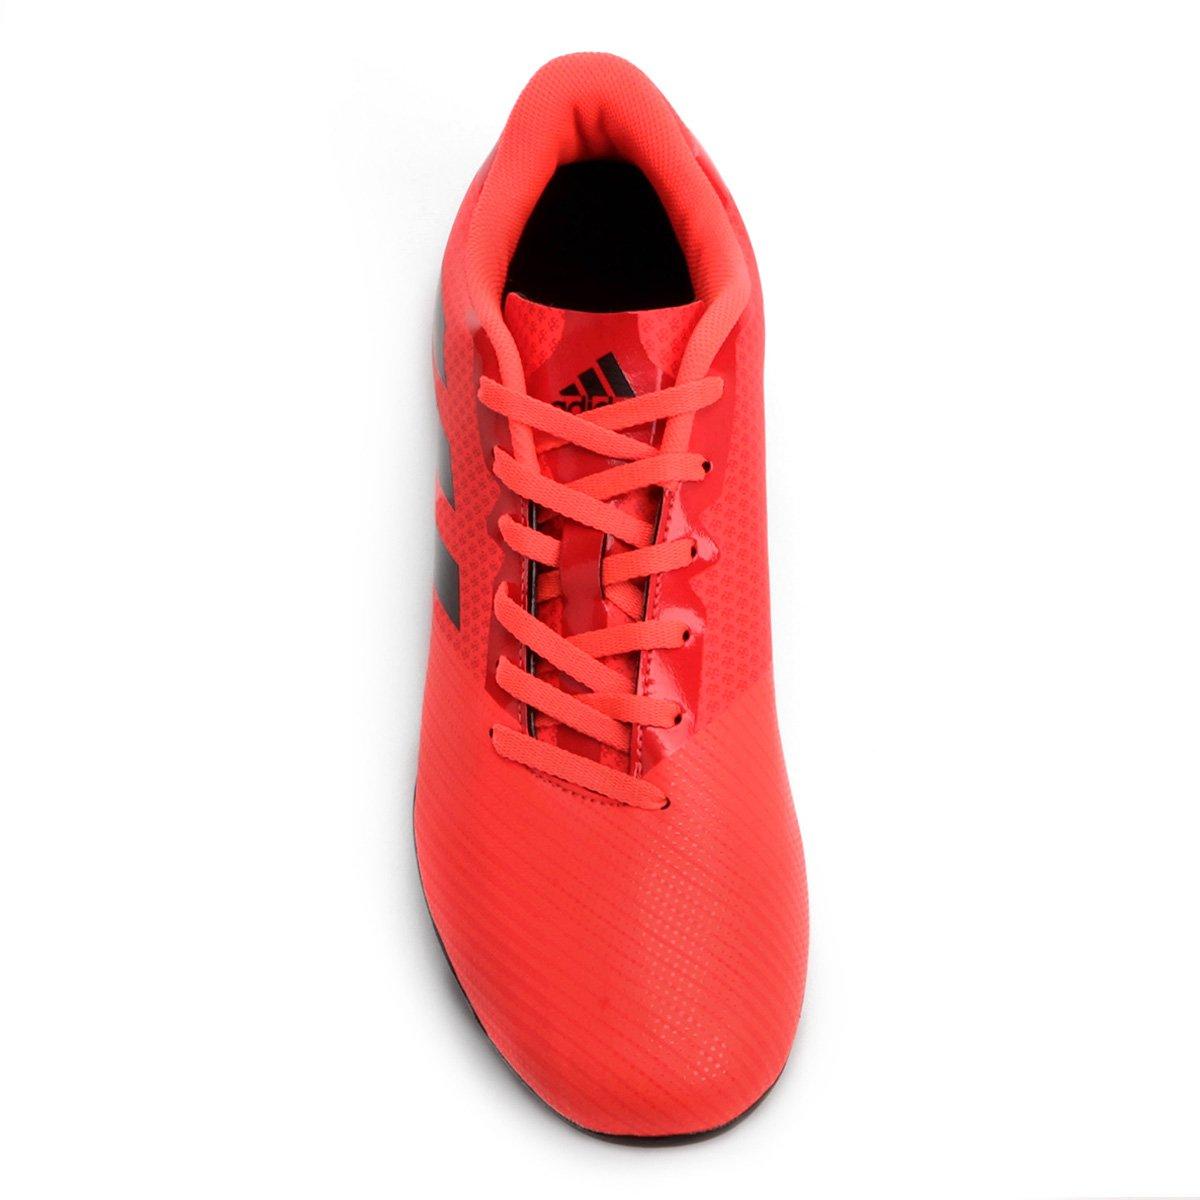 d536c915f2 Chuteira Campo Adidas Artilheira 17 FG - Vermelho - Compre Agora ...